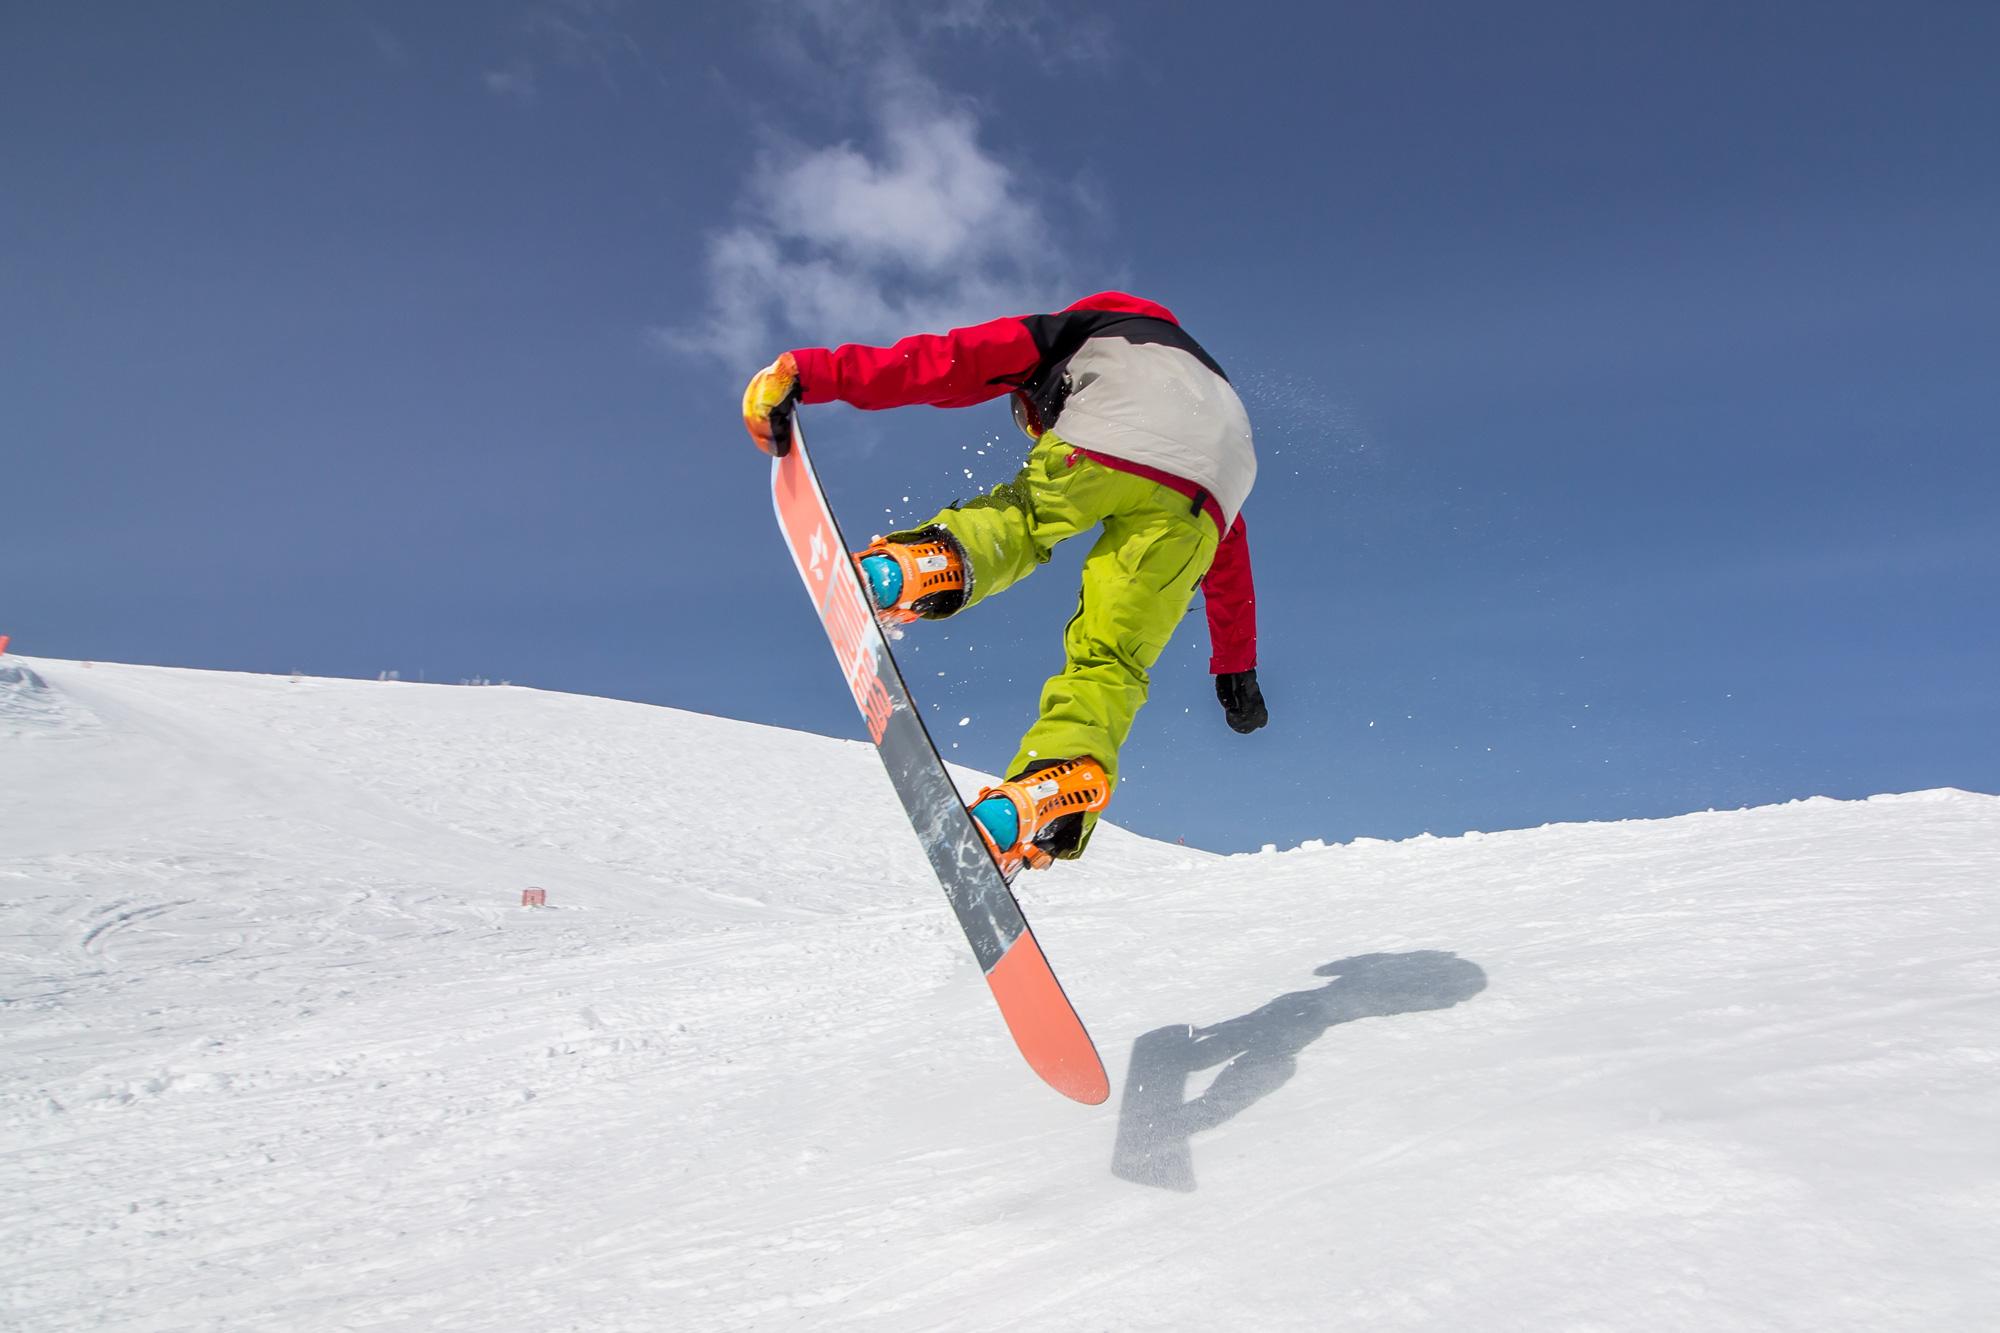 Fun in the sun, Lake Louise Ski Resort